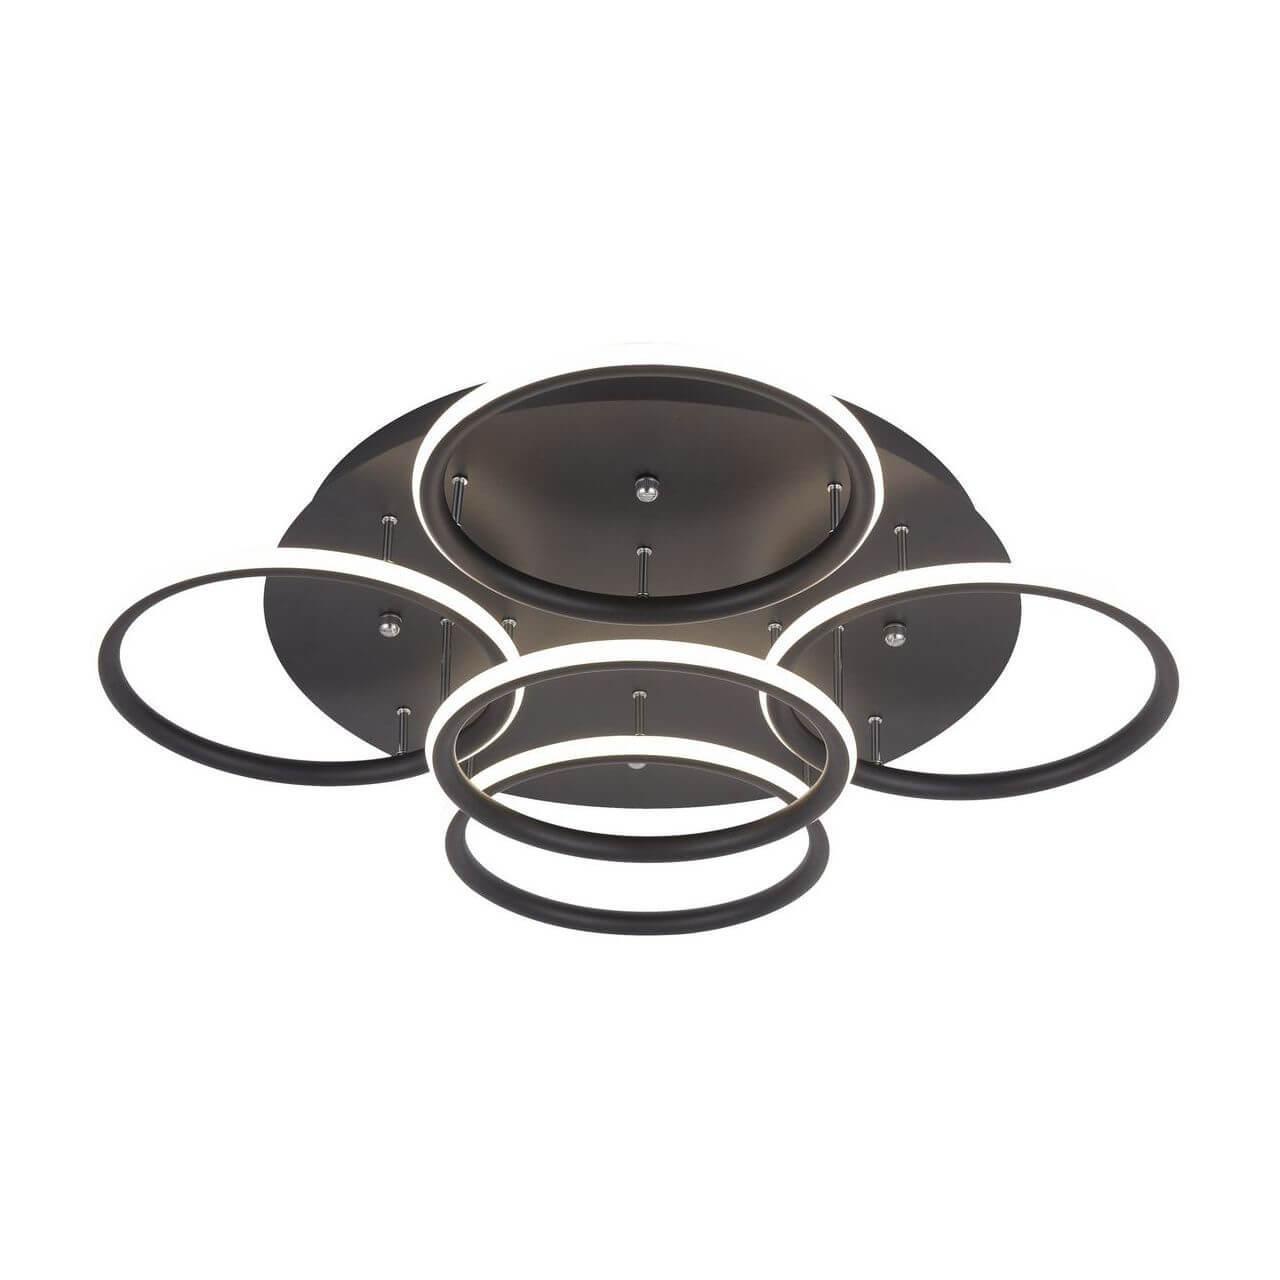 Потолочный светильник Arte Lamp A2500PL-5BK, LED, 80 Вт